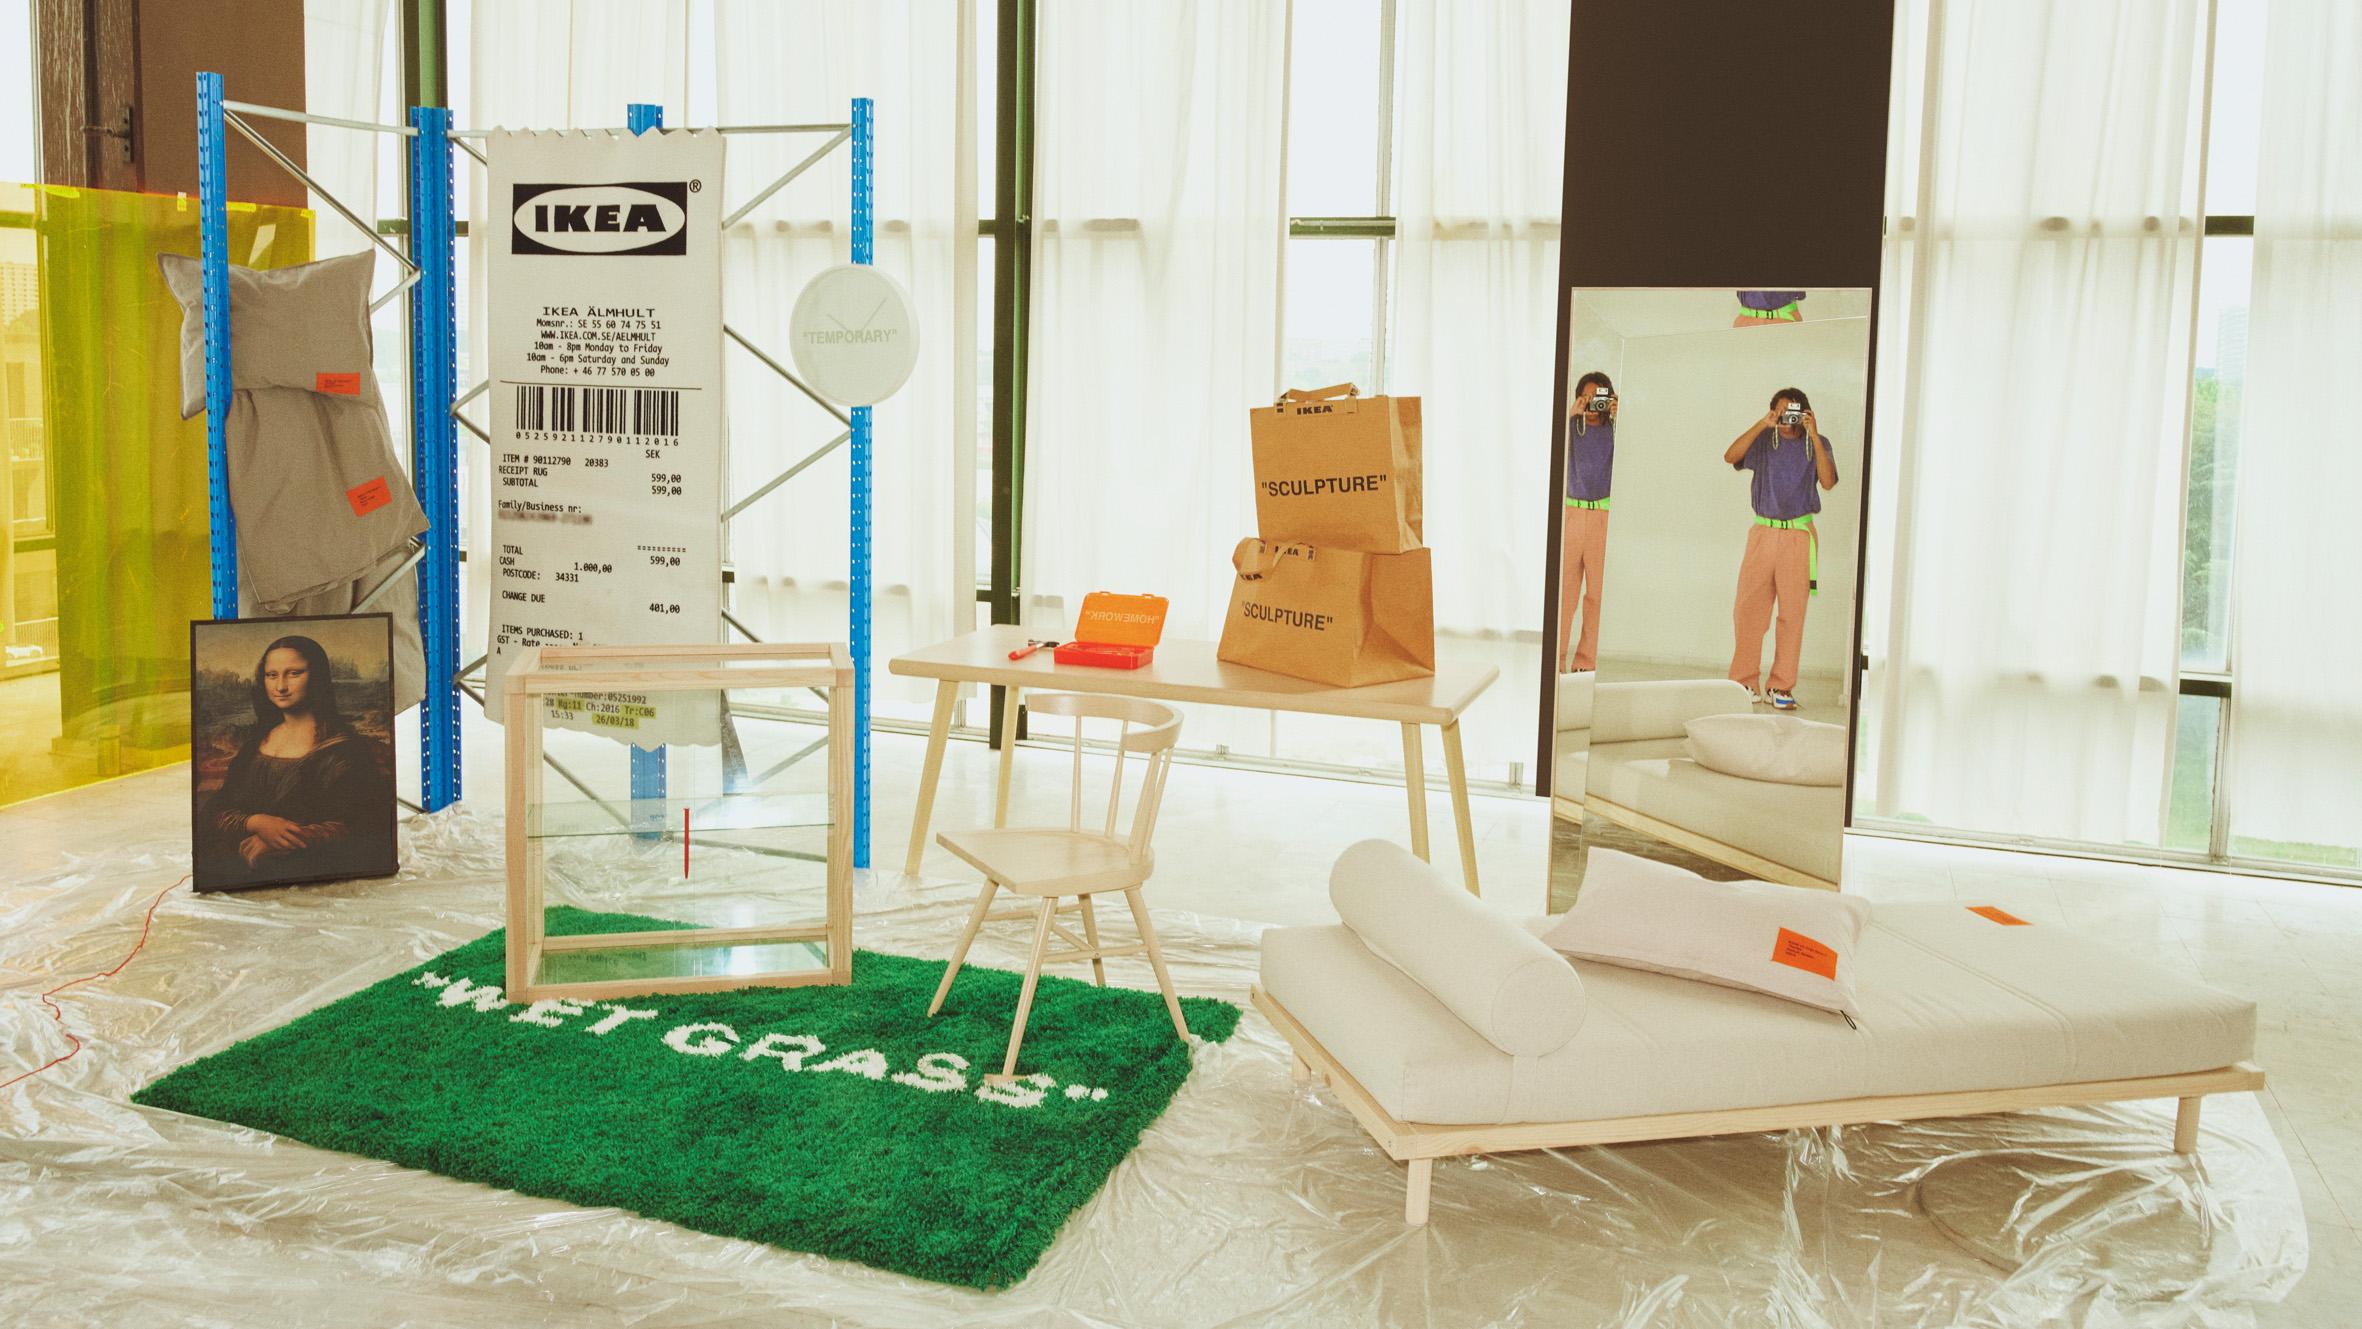 Full Size of Aktuellen Ikea Austria Pressroom Beistelltisch Küche Komplette Was Kostet Eine Apothekerschrank Arbeitstisch Landhausstil Unterschrank Schwarze Landhaus Ebay Wohnzimmer Ikea Küche Massivholz